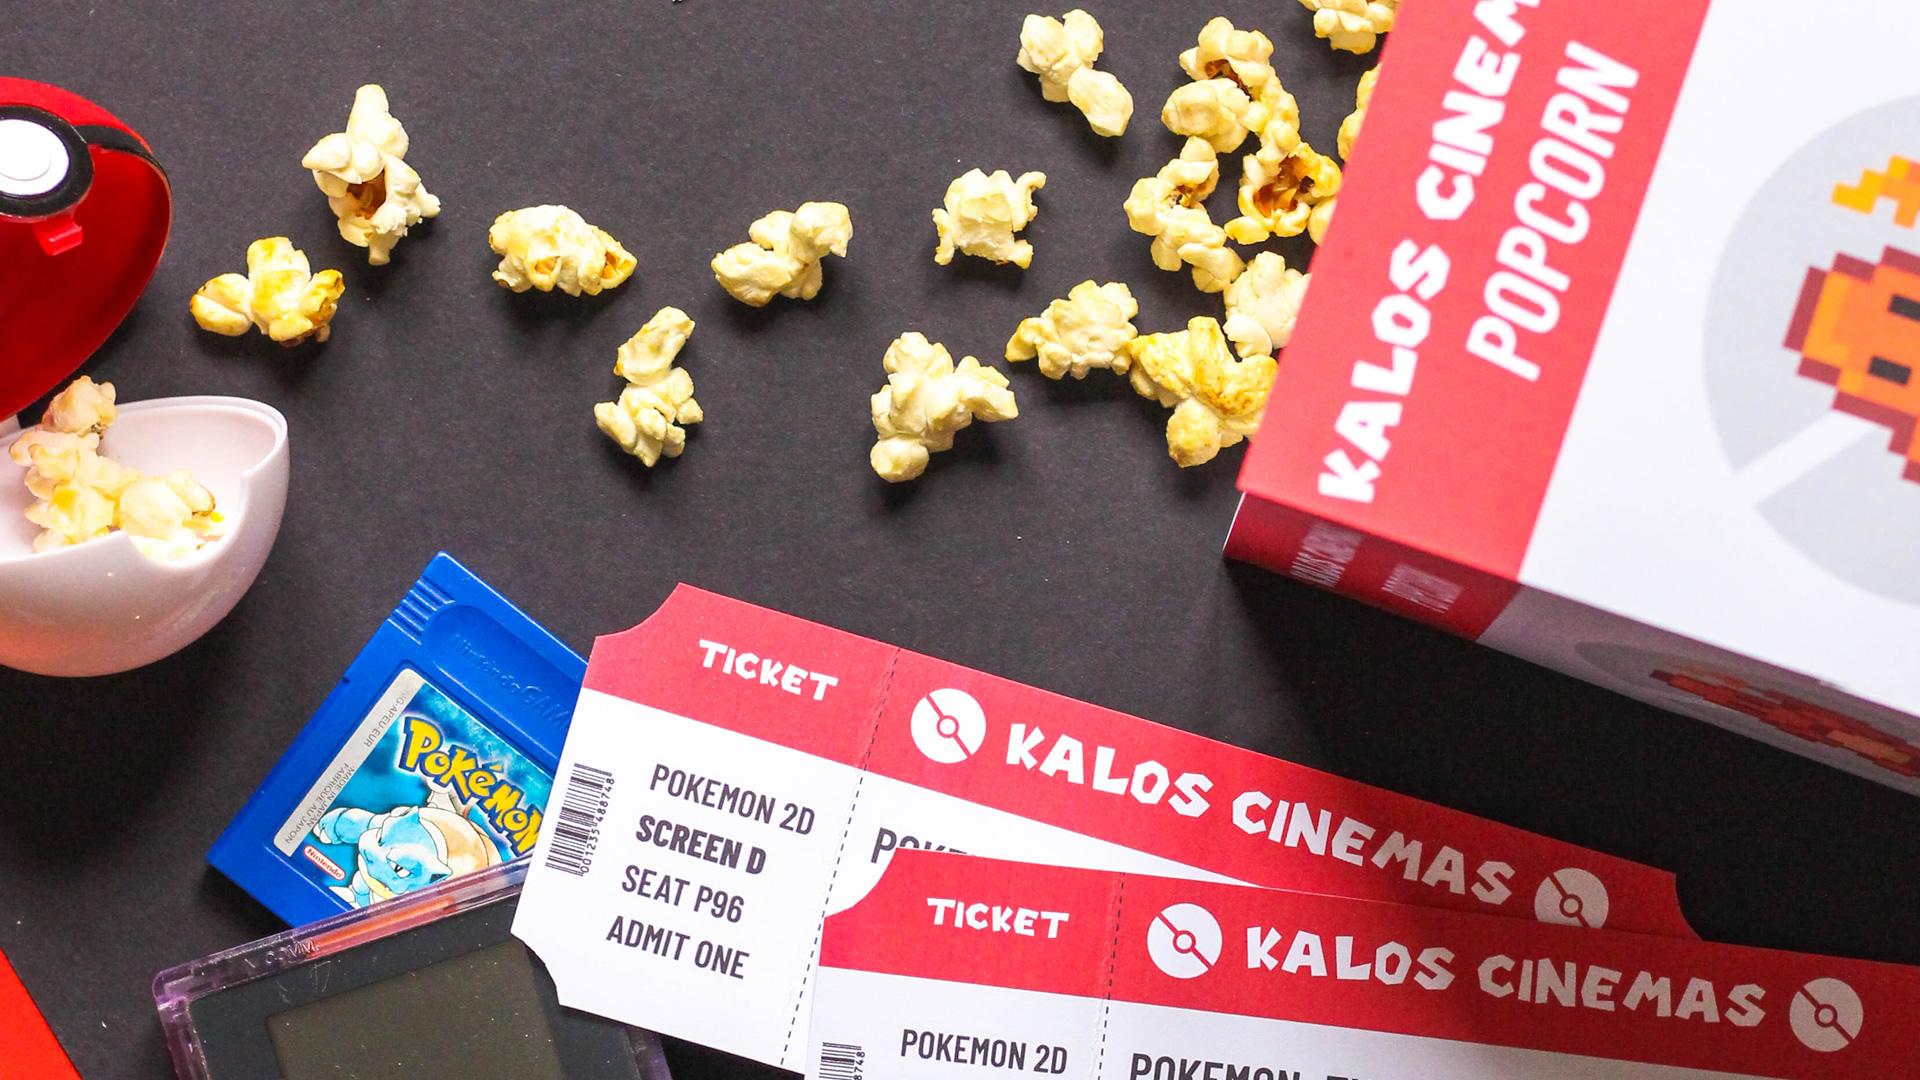 Top 5 Pokémon Films: Pikachu Popcorn at the Ready!